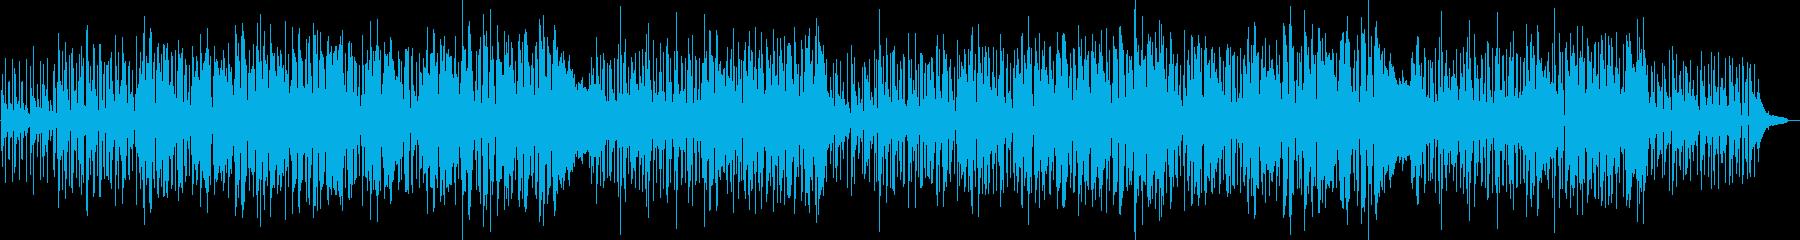 可愛らしい軽快なジャズ曲の再生済みの波形